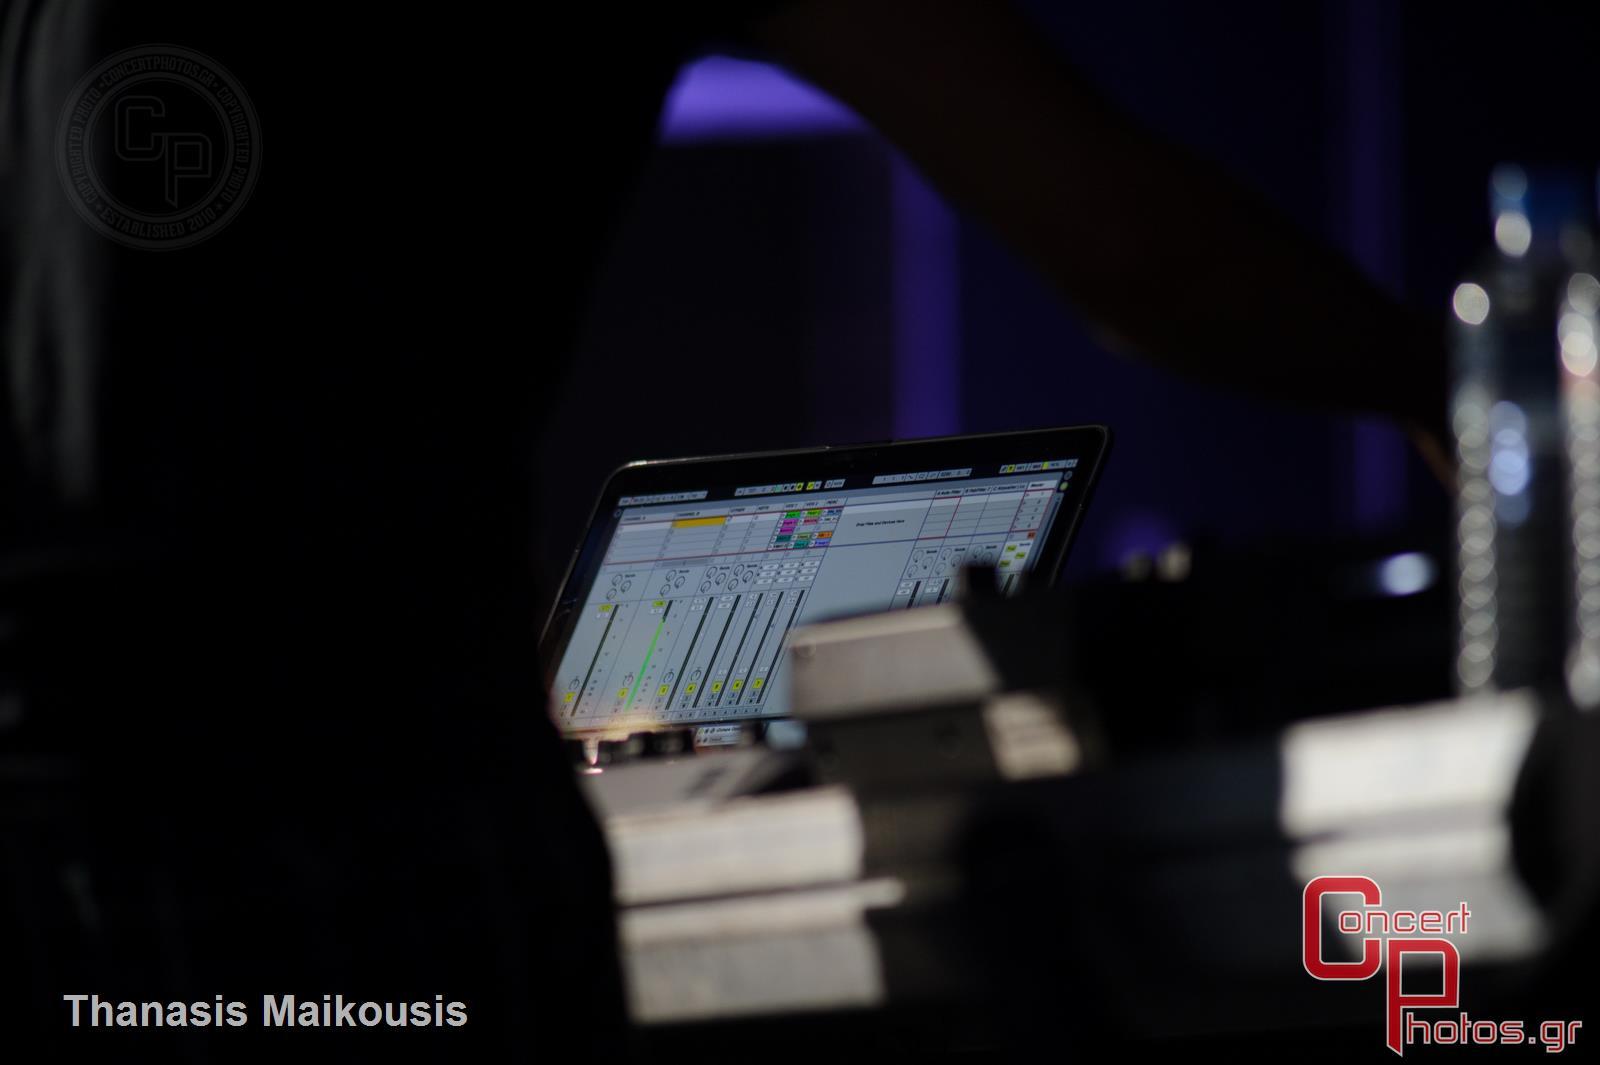 En Lefko 2014-En Lefko 2014 photographer: Thanasis Maikousis - concertphotos_20140621_21_42_50